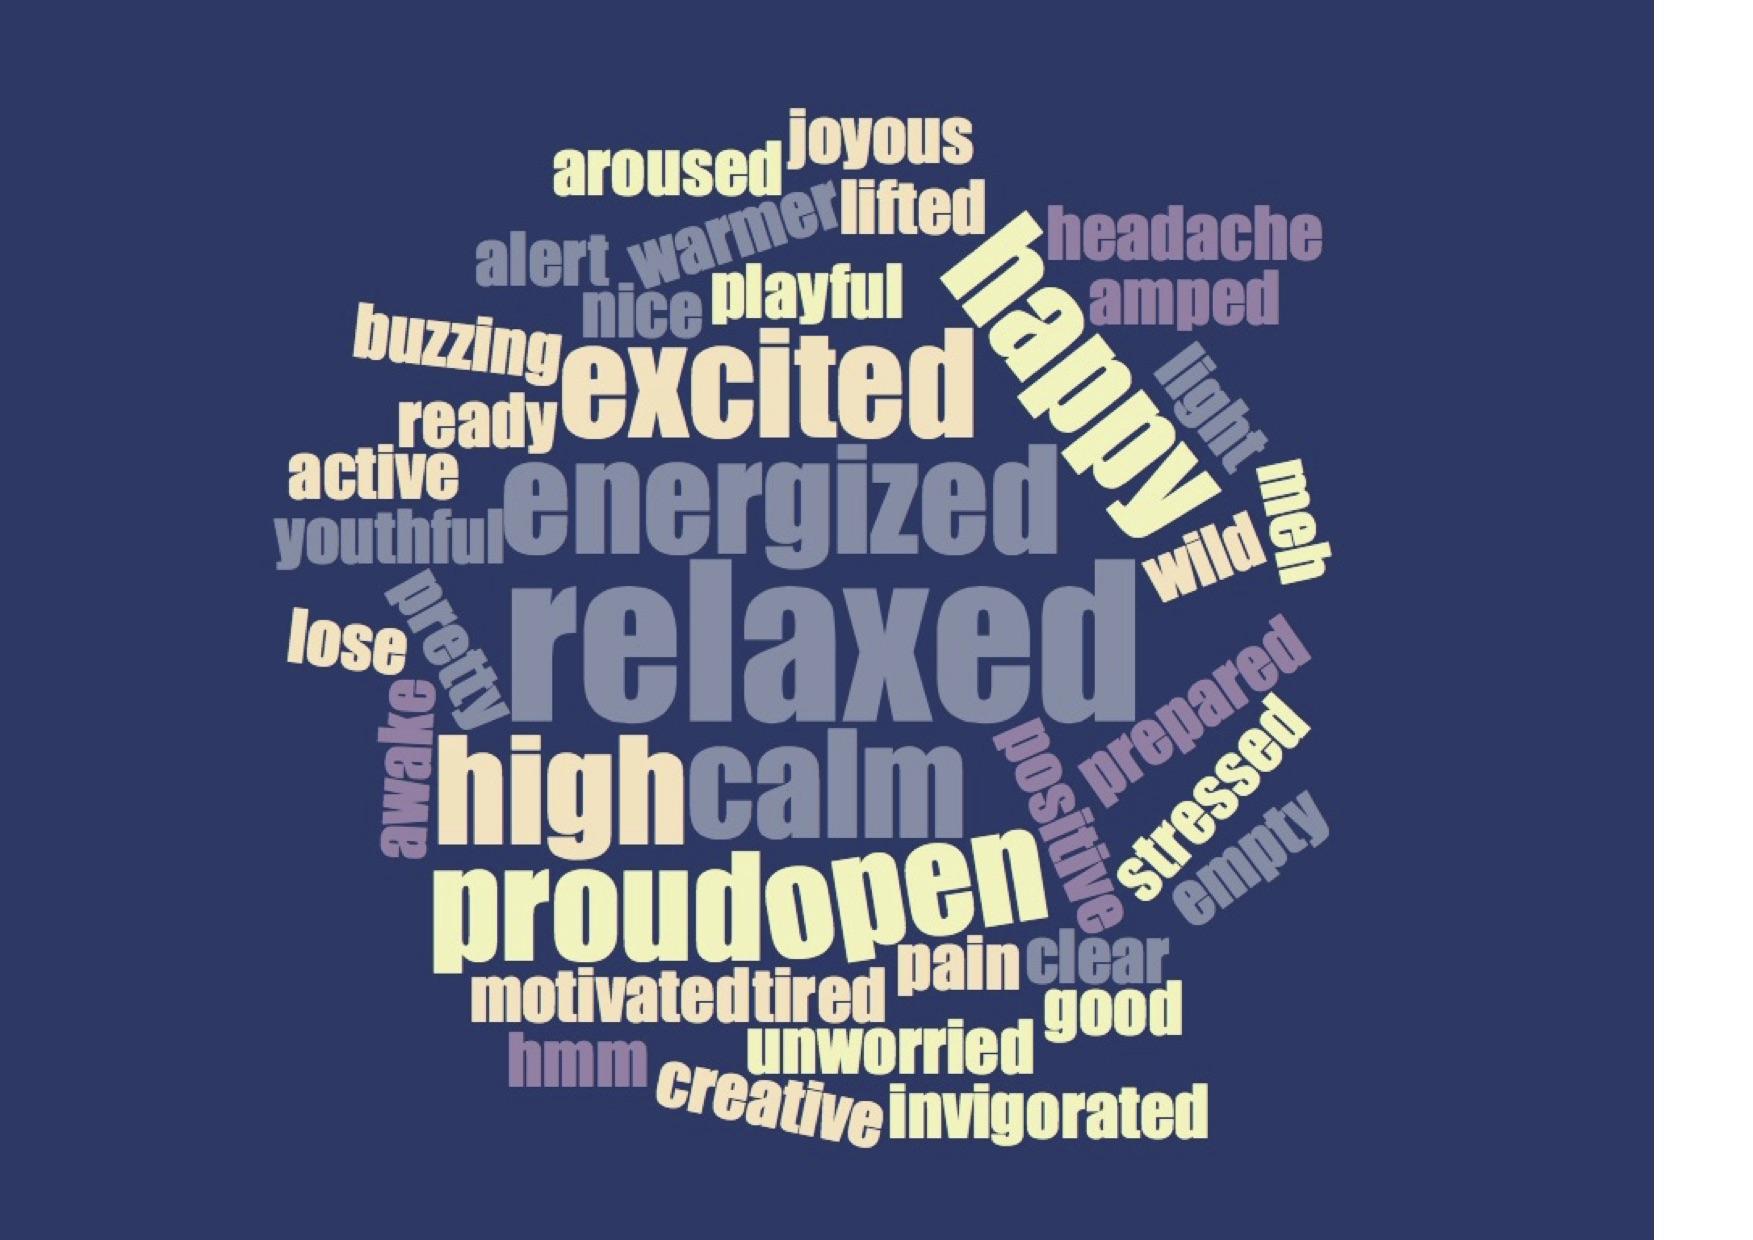 hackathon 01.12 words after richer model